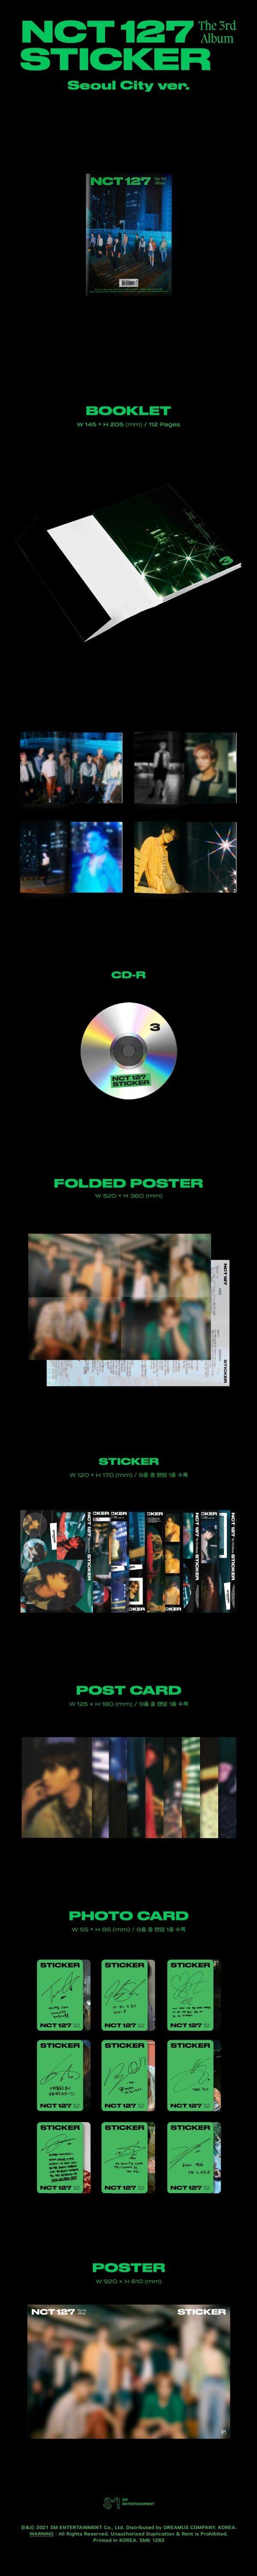 3rd Album de NCT127 Sticker Seoul Ver. 1.1